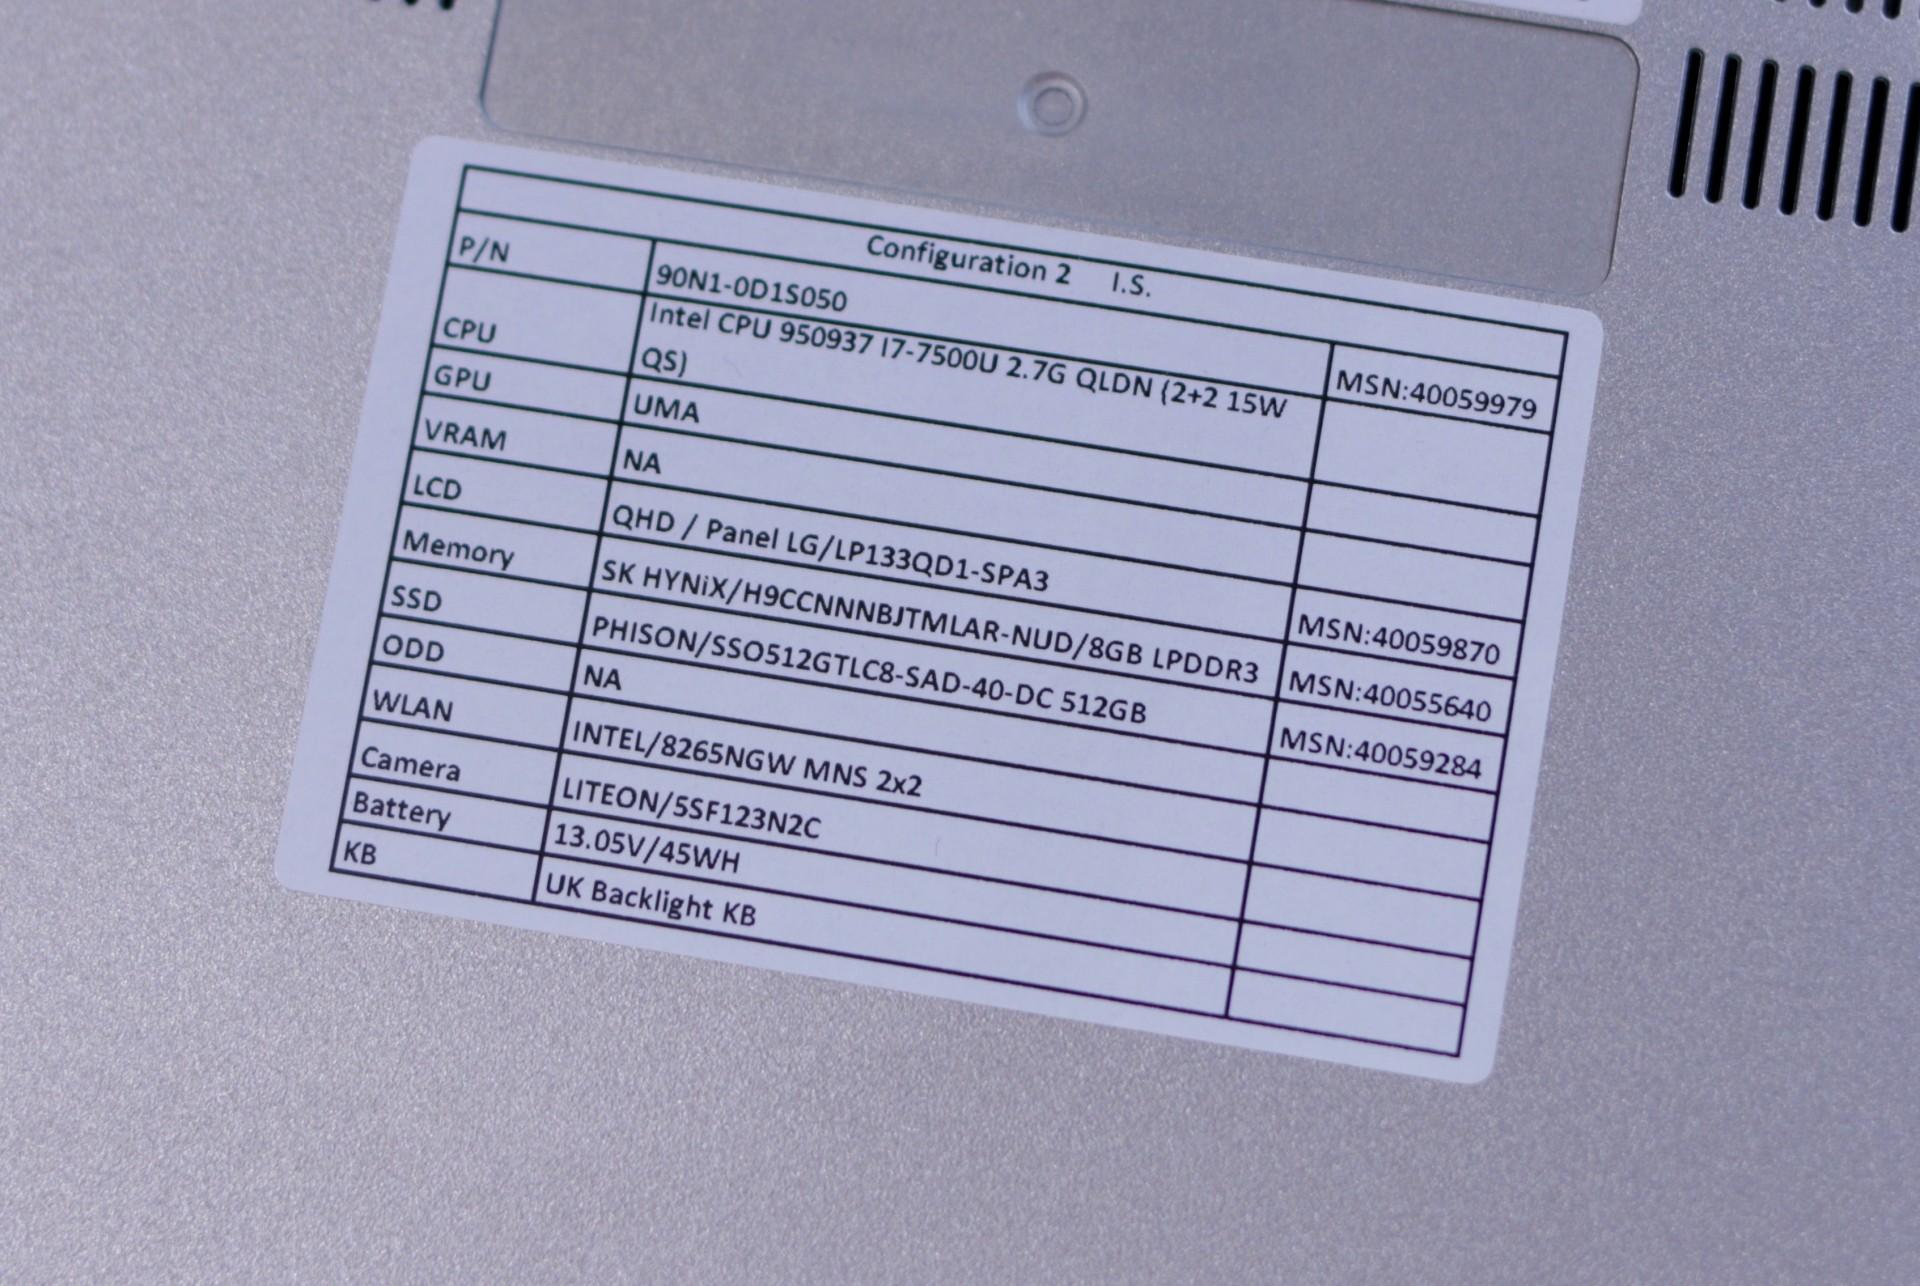 Medion Akoya S3409 ausprobiert: Ein edles Notebook soll es sein - Medion Akoya S3409 (Bild: Michael Wieczorek/Golem.de)